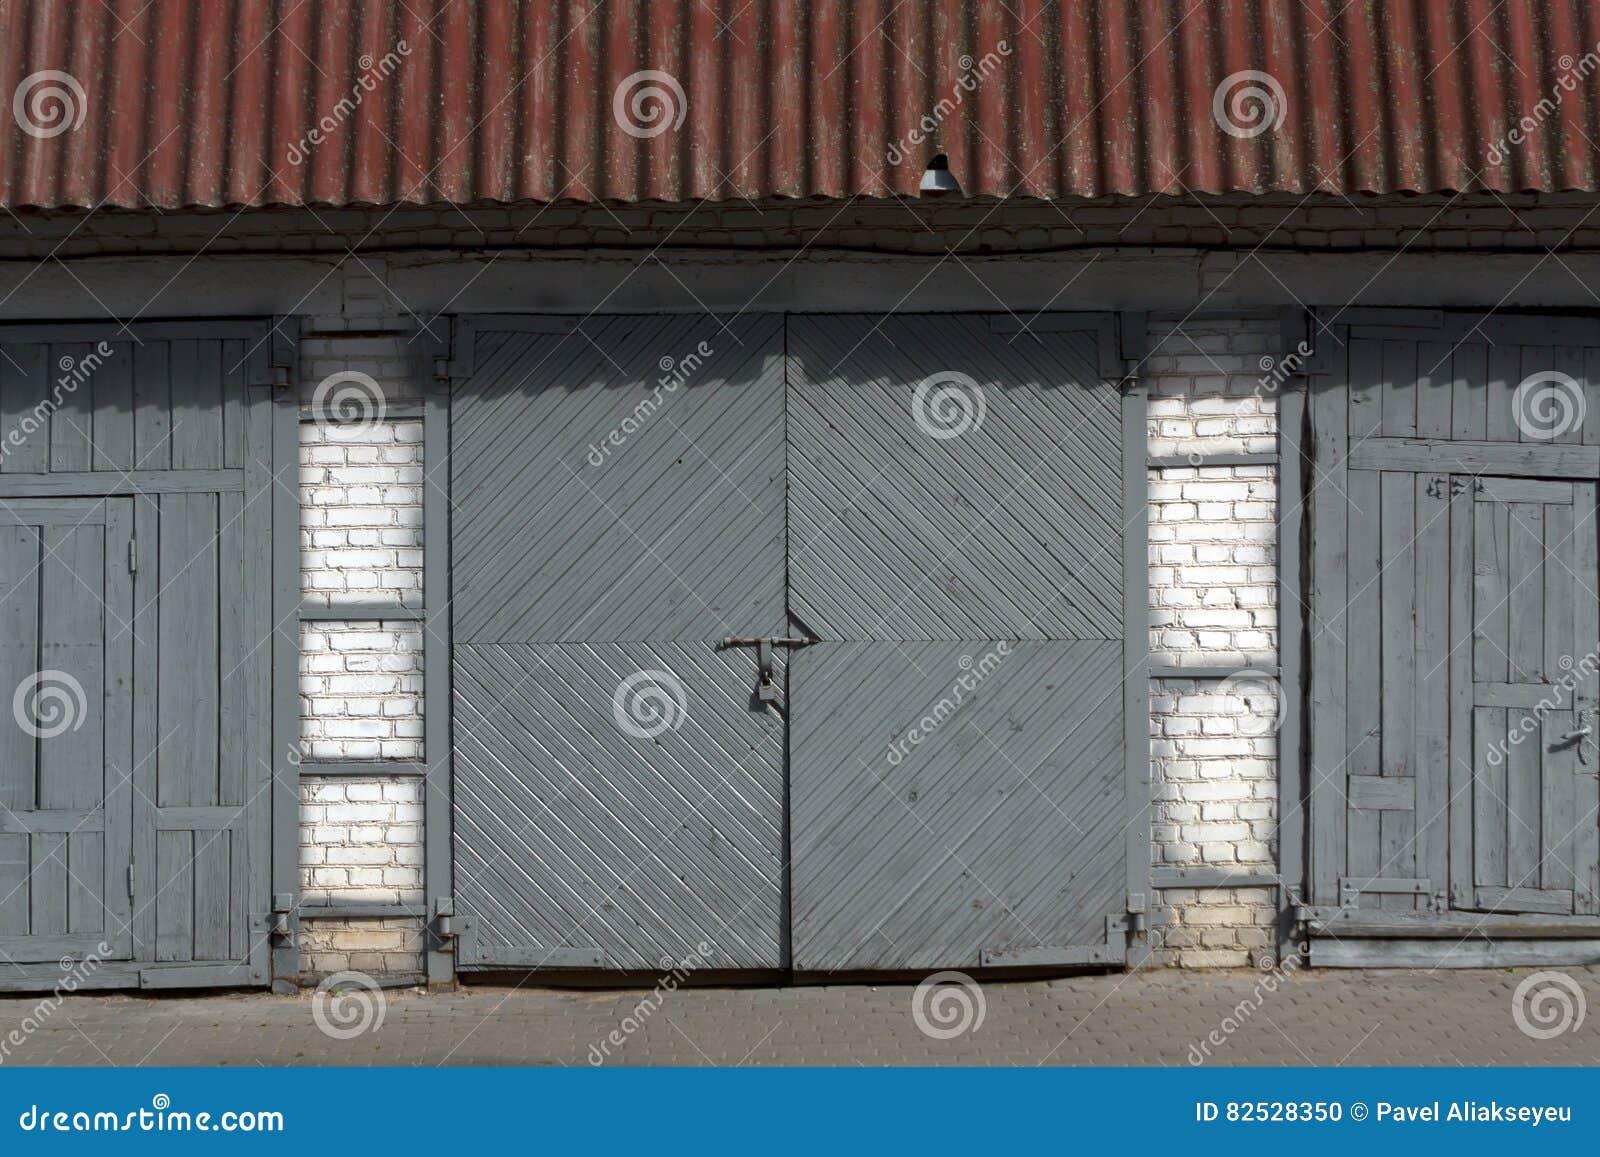 Old Wooden Closed Garage Door Stock Photo Image Of Garage Home